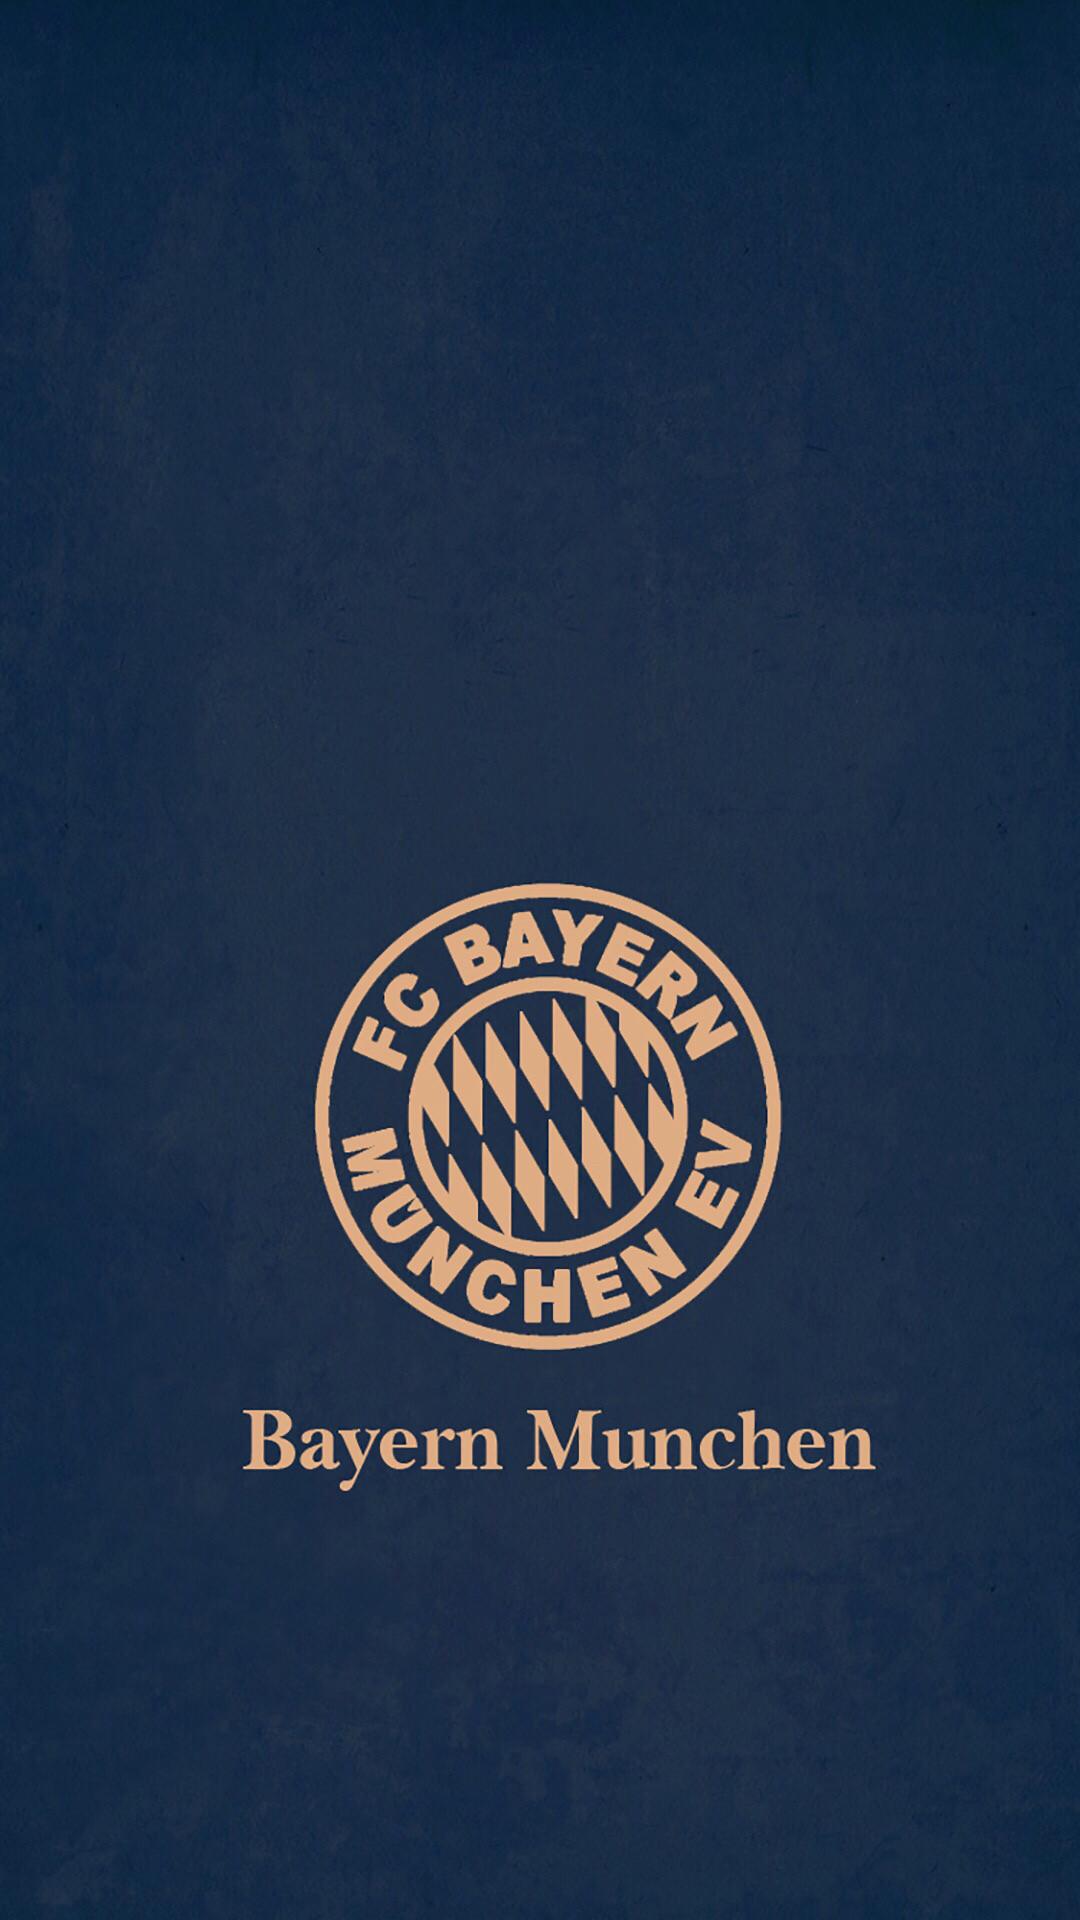 Messi 3d Wallpaper 2017 Bayern Munich Logo Wallpaper 73 Images